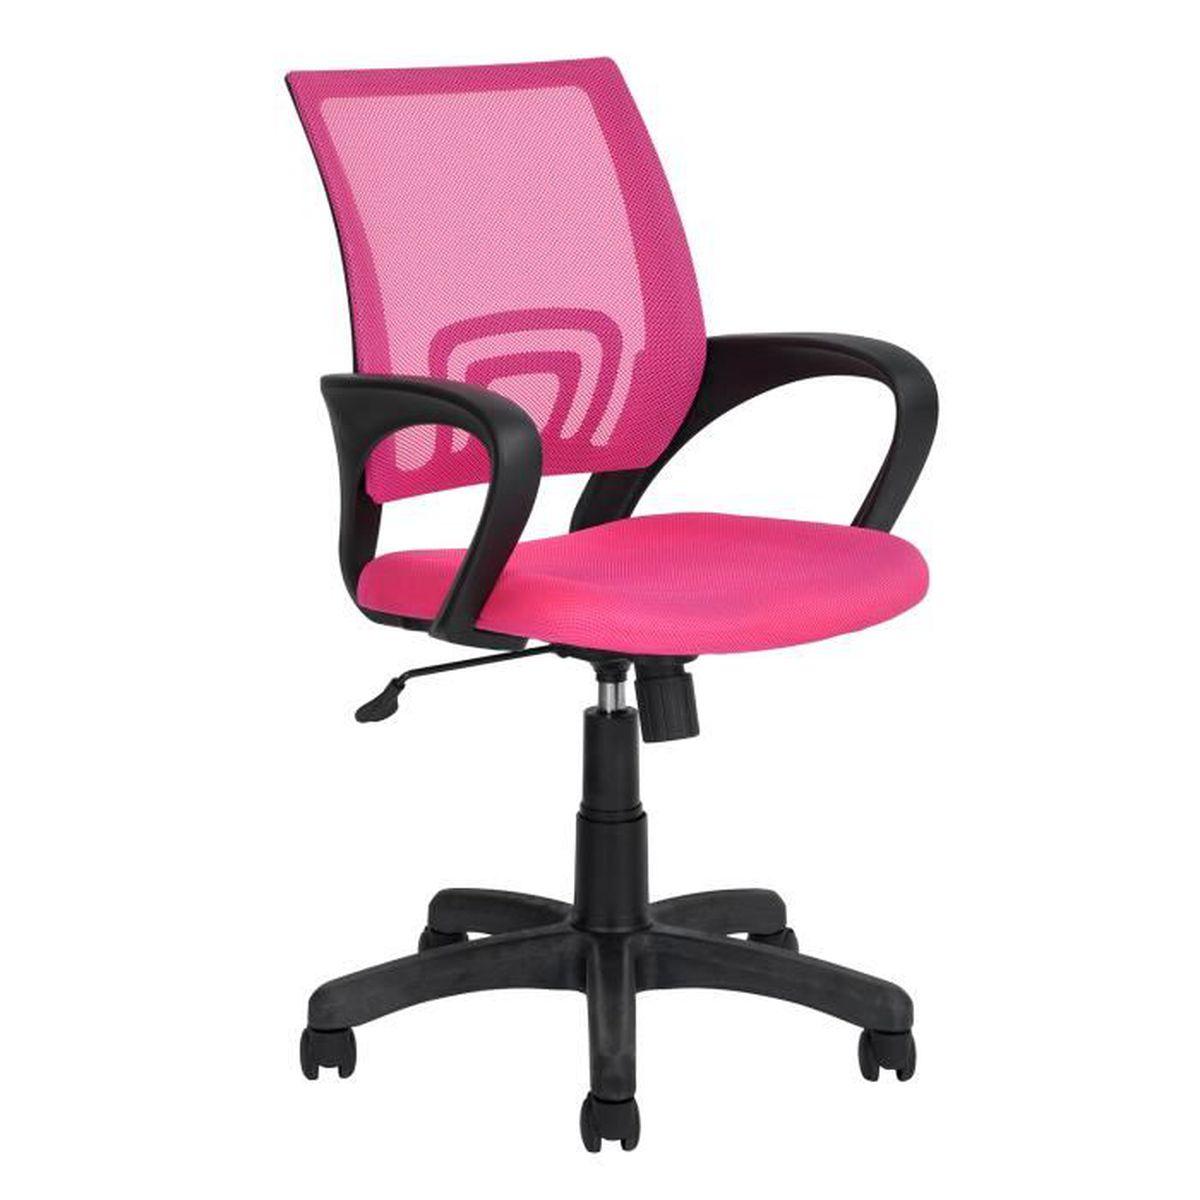 Furniturer fauteuil de bureau si ge chaise de bureau r glable confortable en - Fauteuil de bureau confortable ...